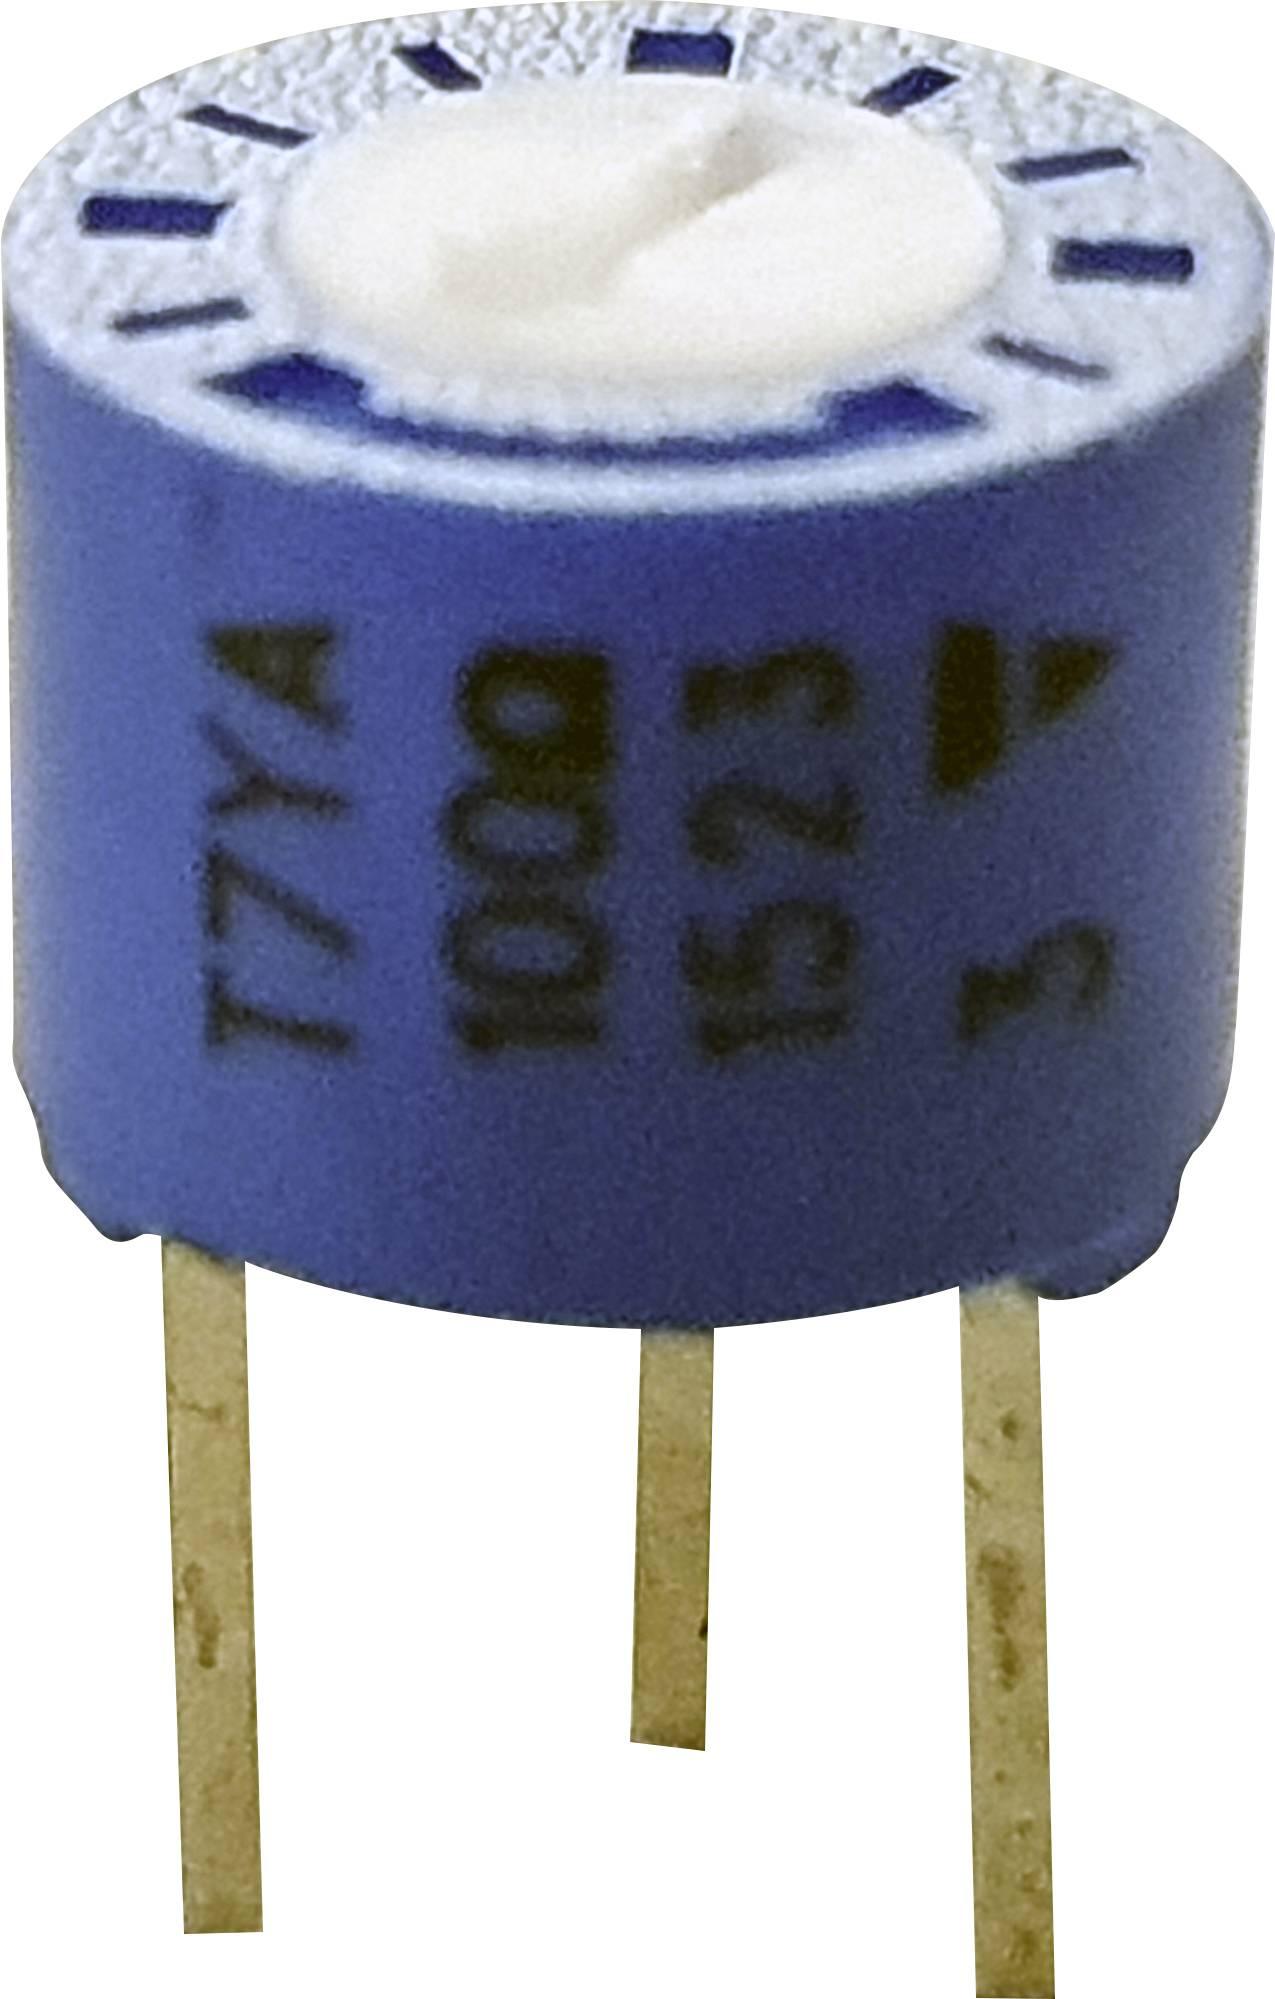 Trimr 100 kΩ